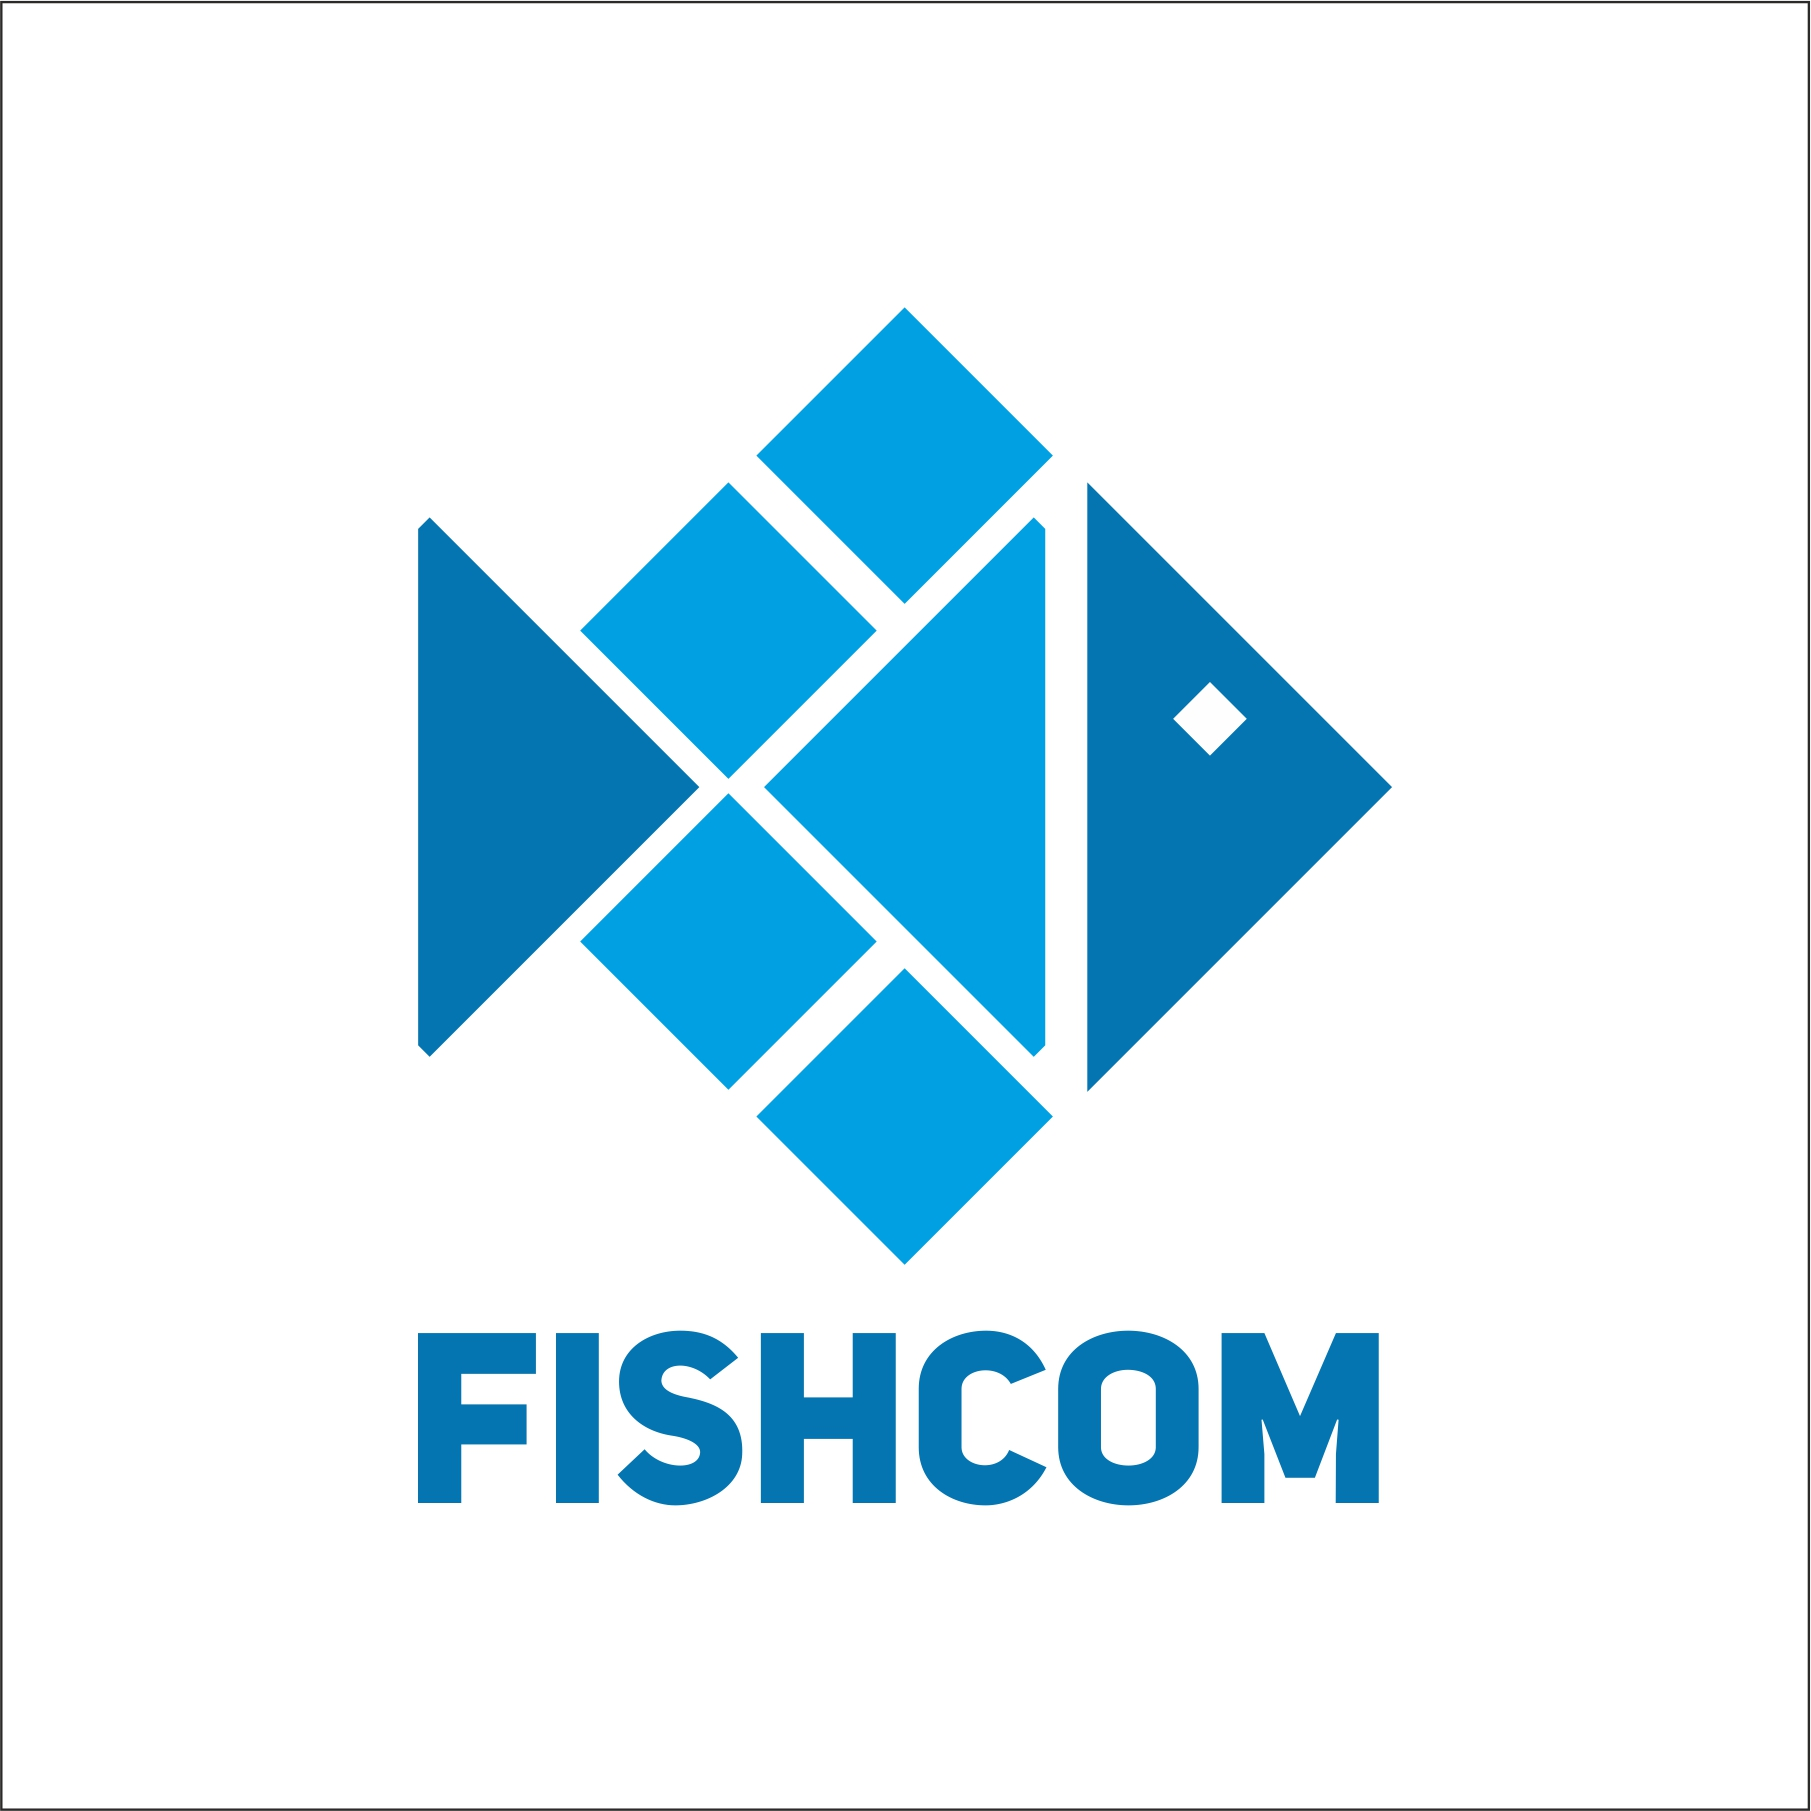 Создание логотипа и брэндбука для компании РЫБКОМ фото f_9995c0a2275ac68a.jpg